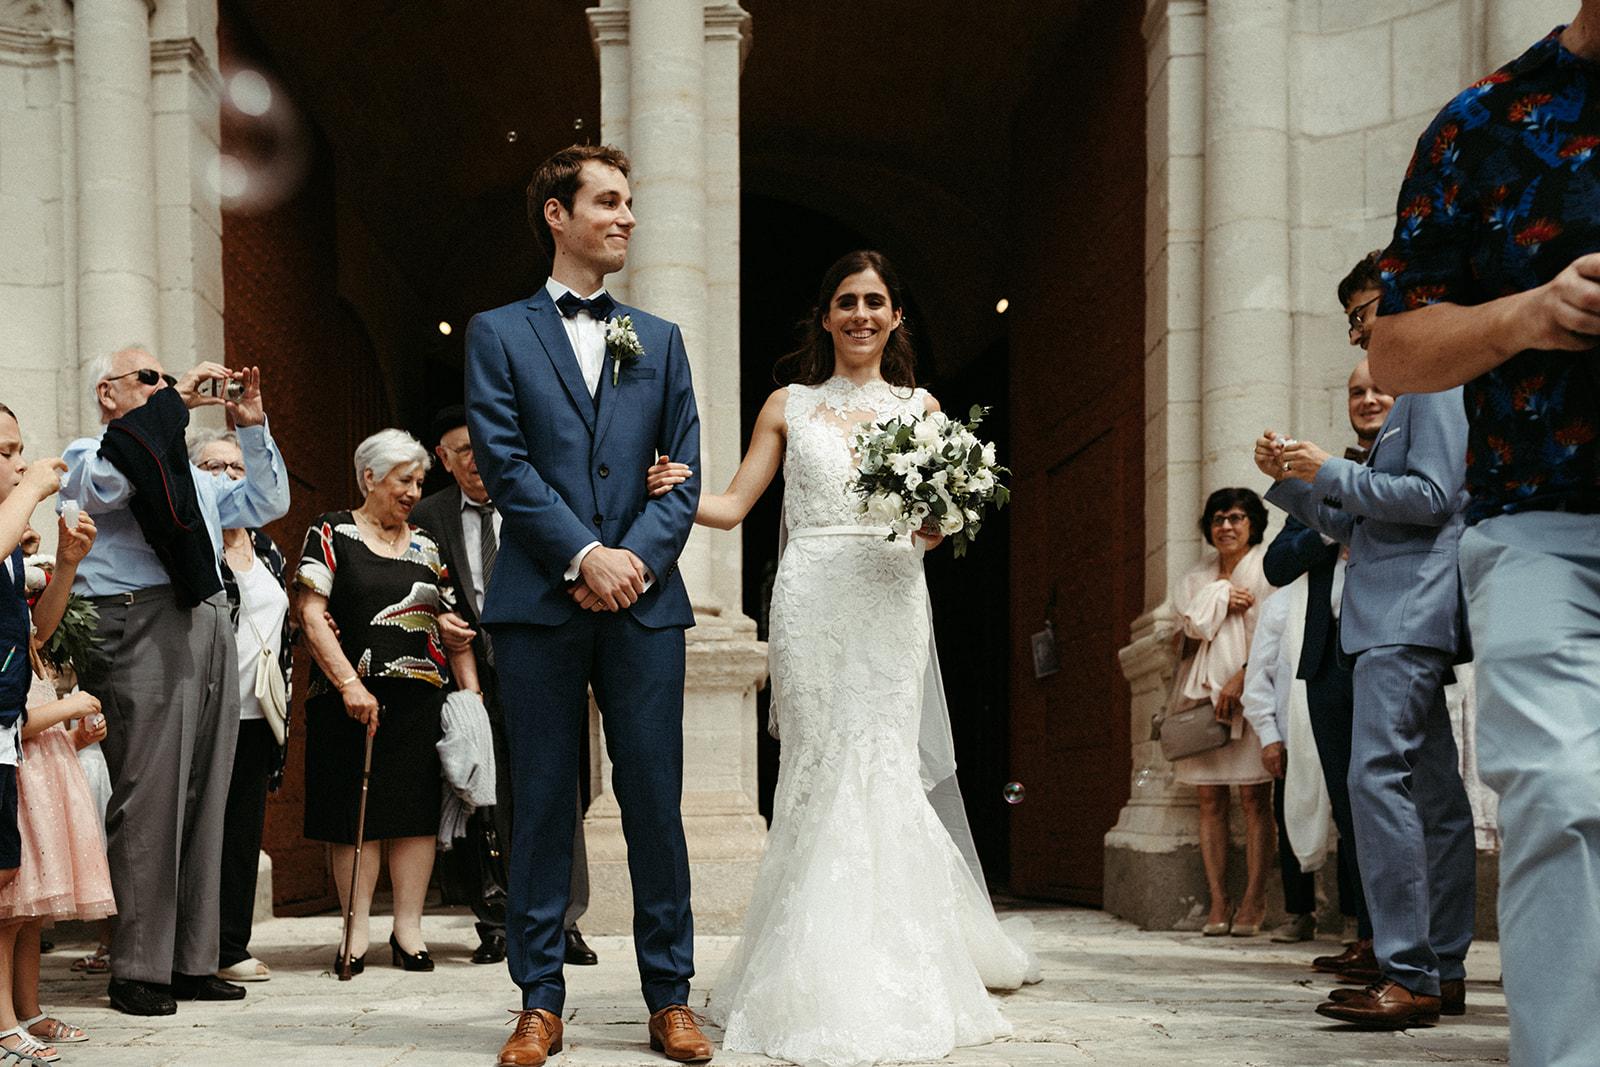 Cécile et Guillaume mariage-269_websize.jpg